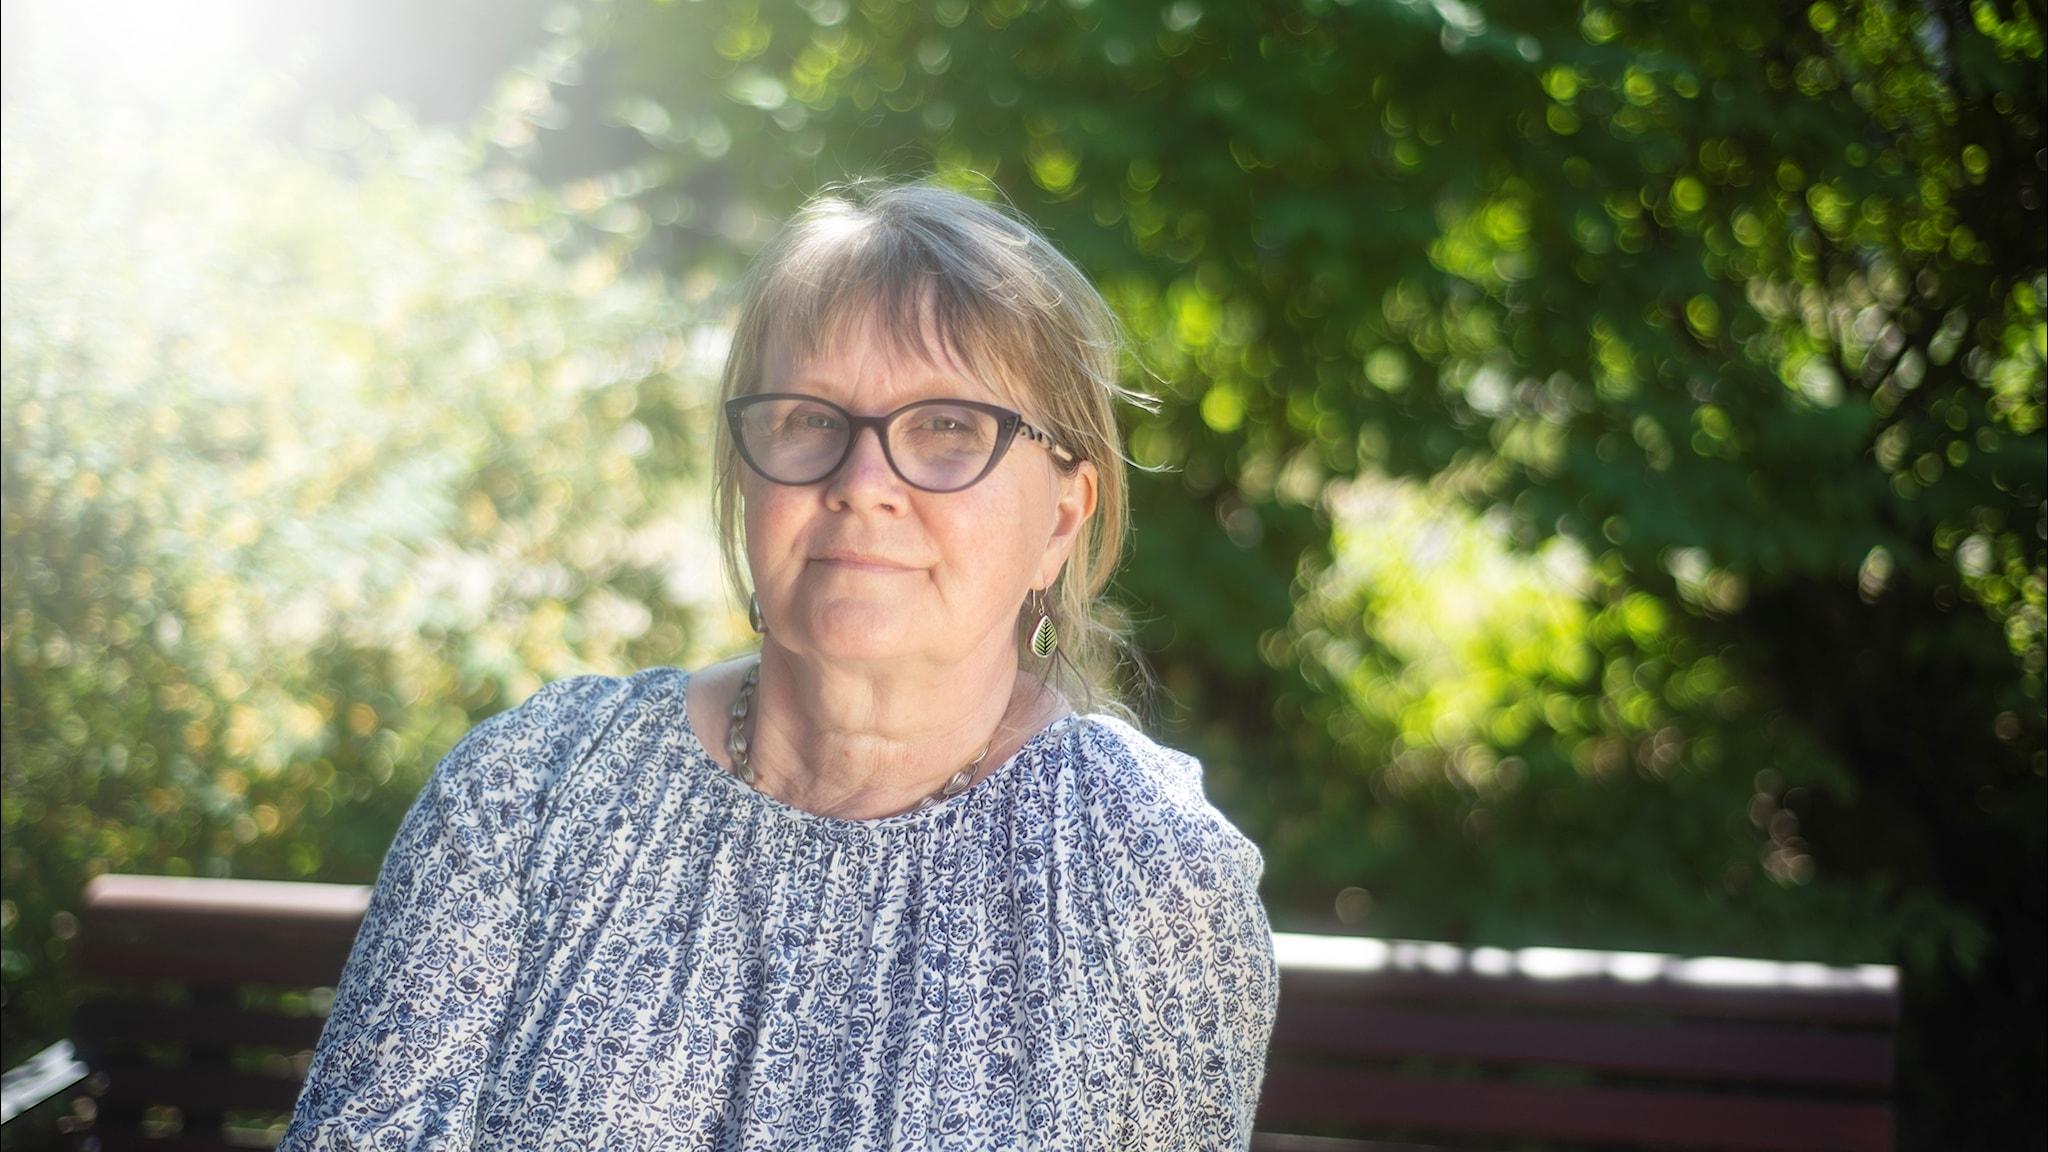 Mirjaliisa Lukkarinen Kvist: